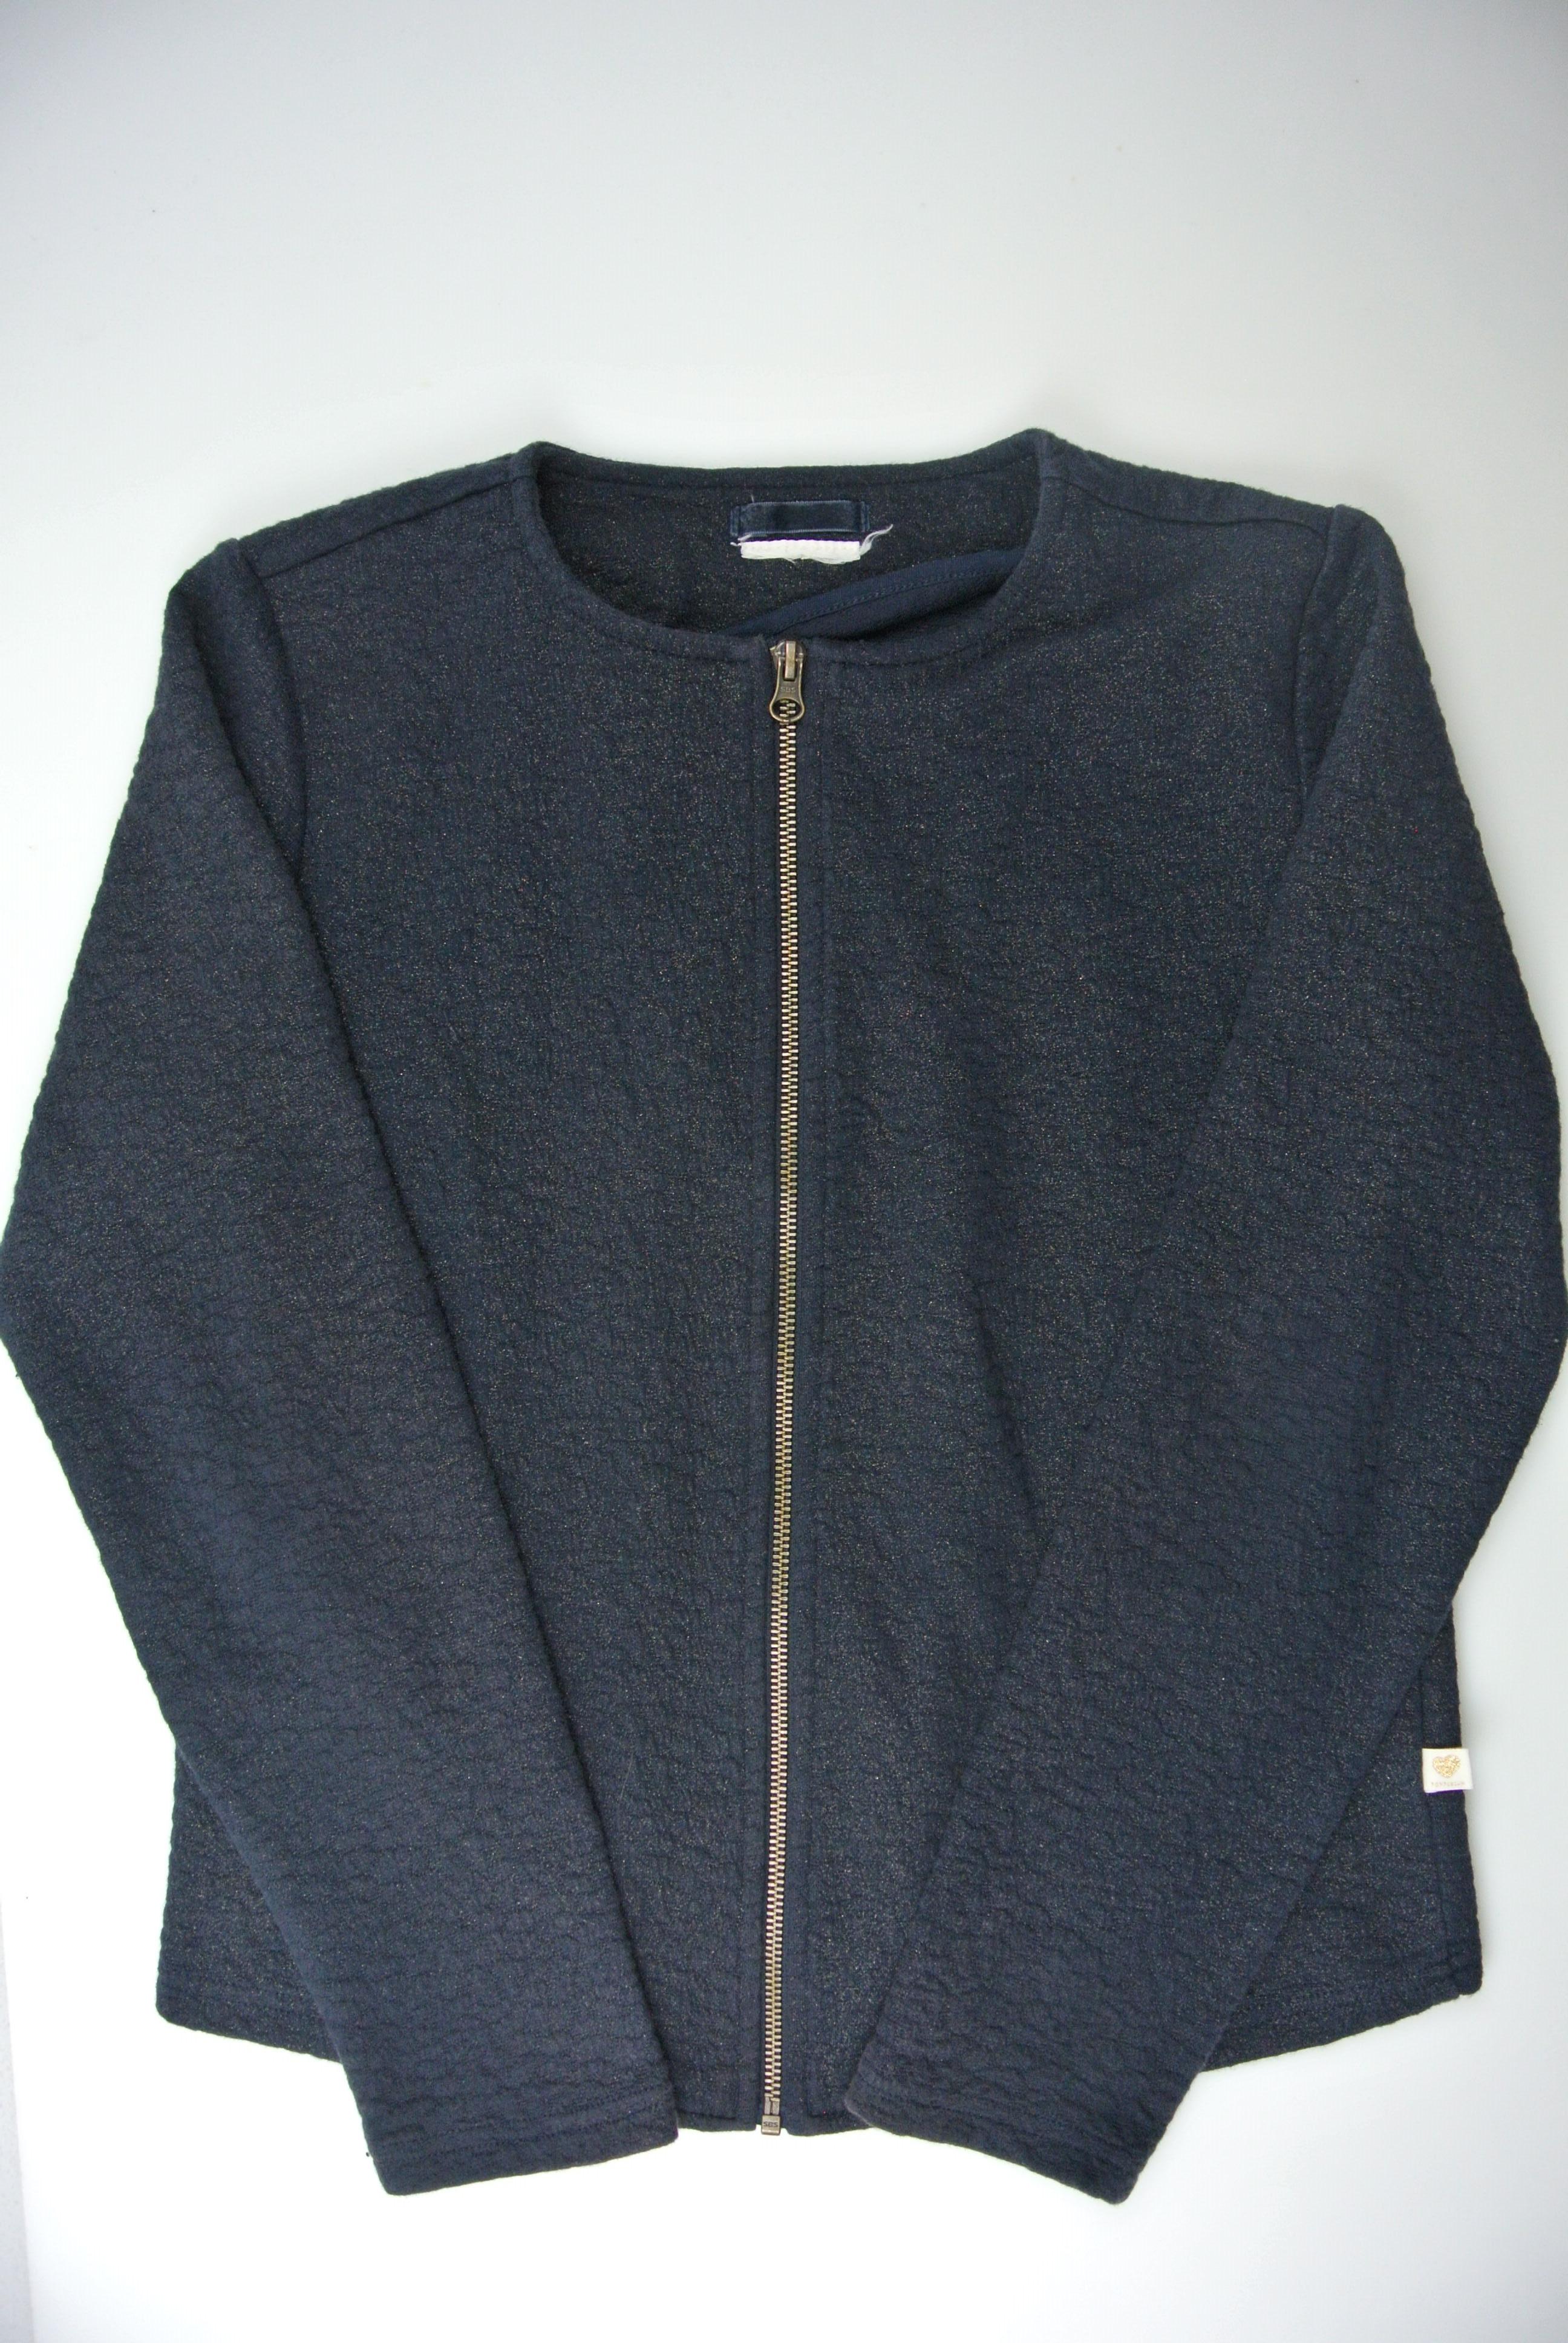 Pompdelux trøje str 152 pige